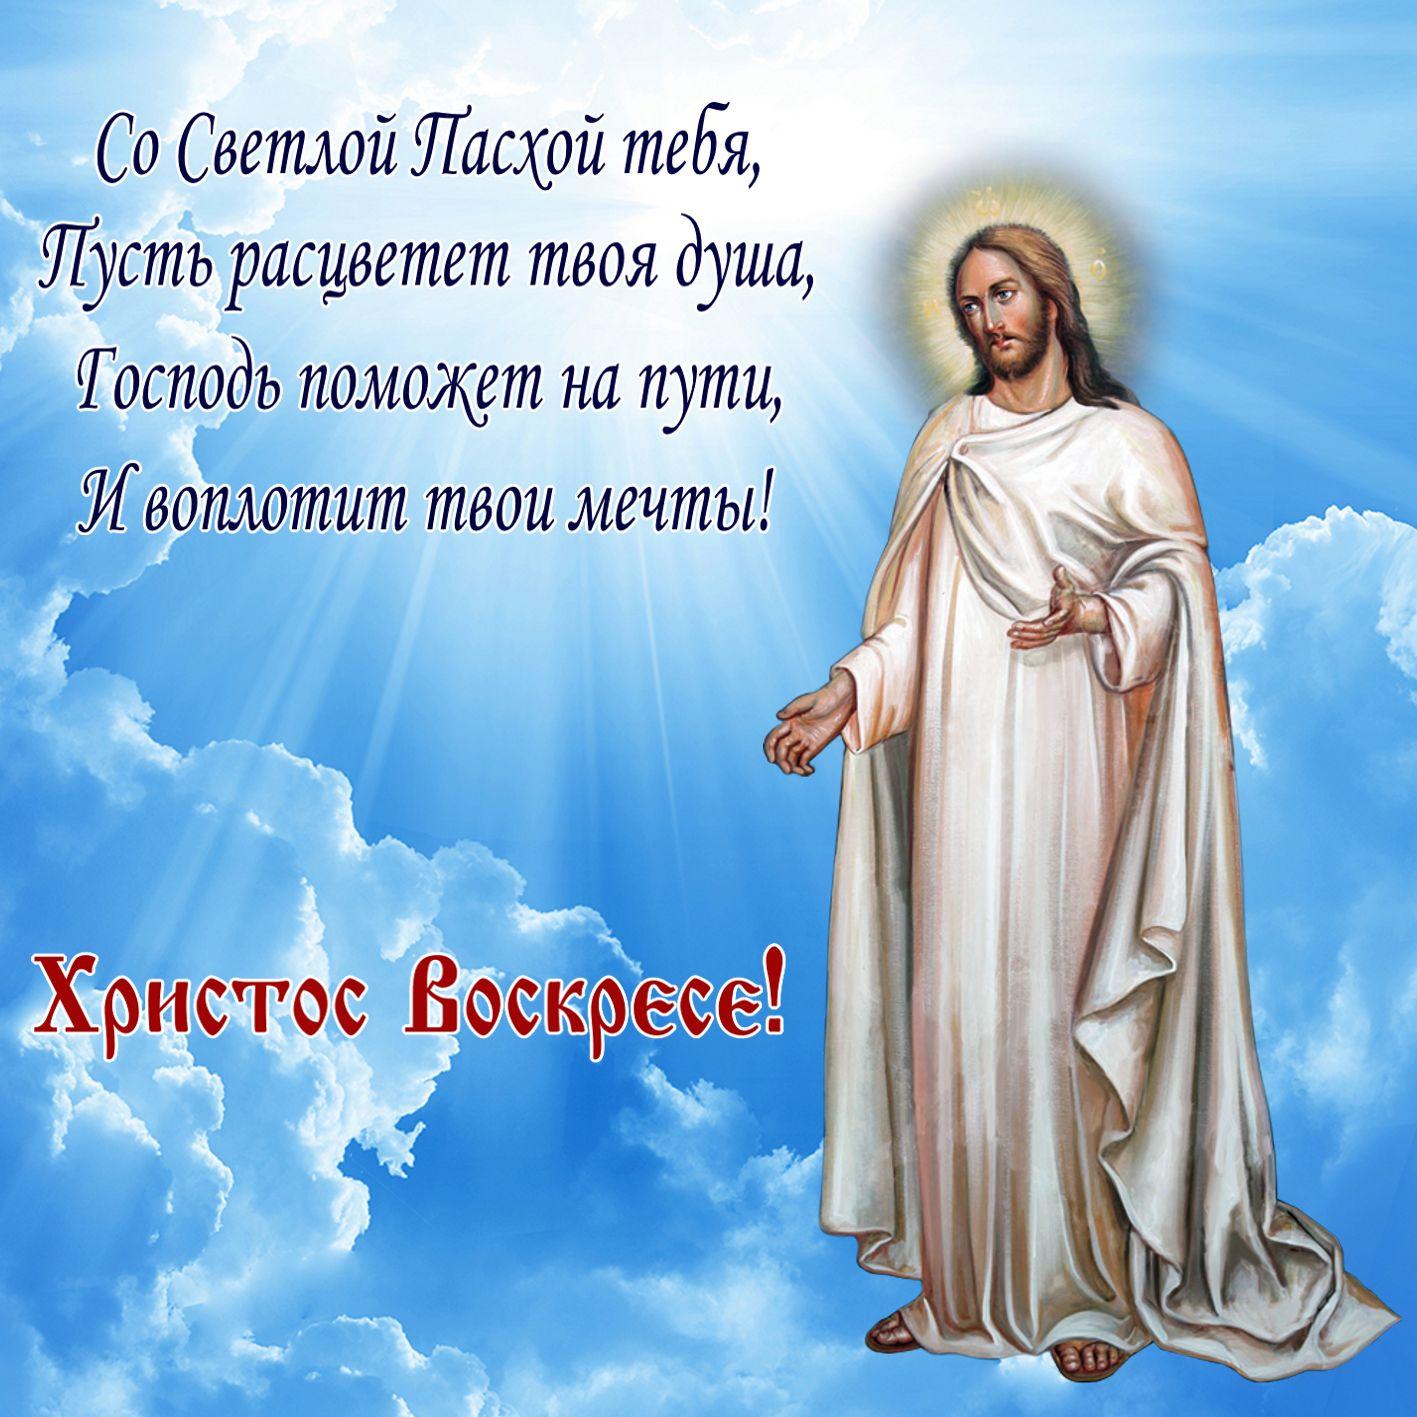 Христос и пожелание на фоне синего неба